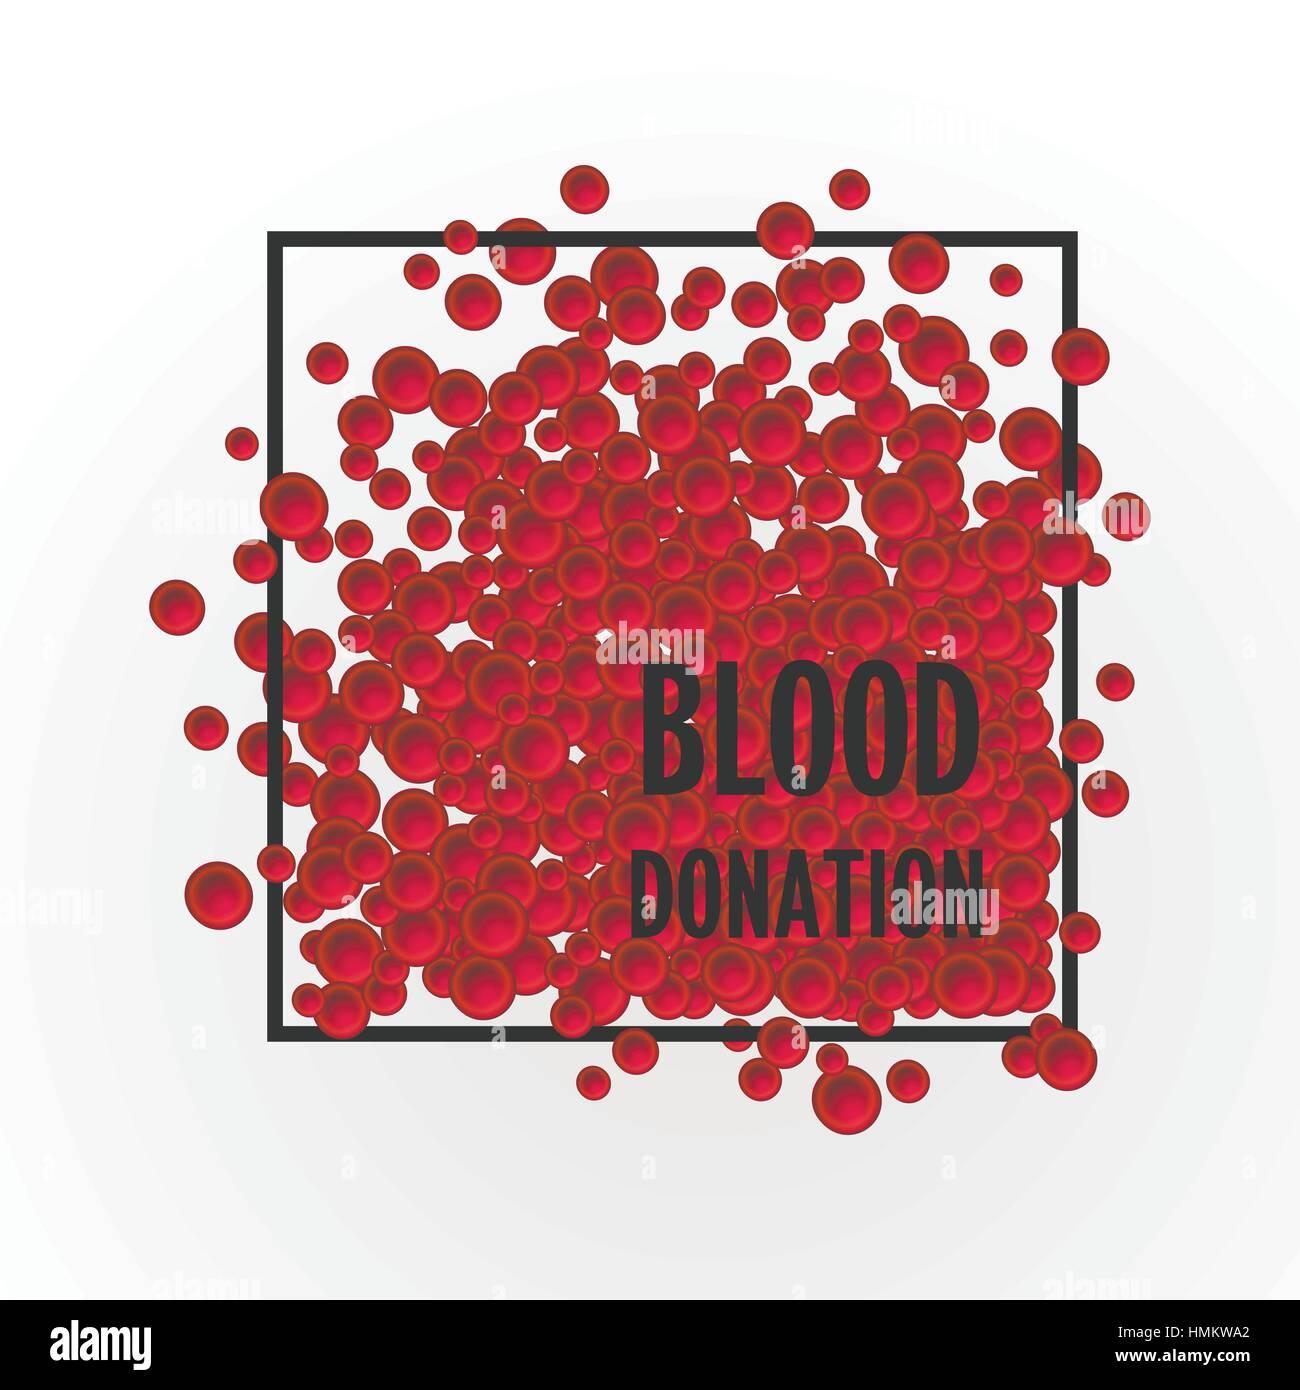 Ilustración vectorial de donación de sangre una gran cantidad de ...